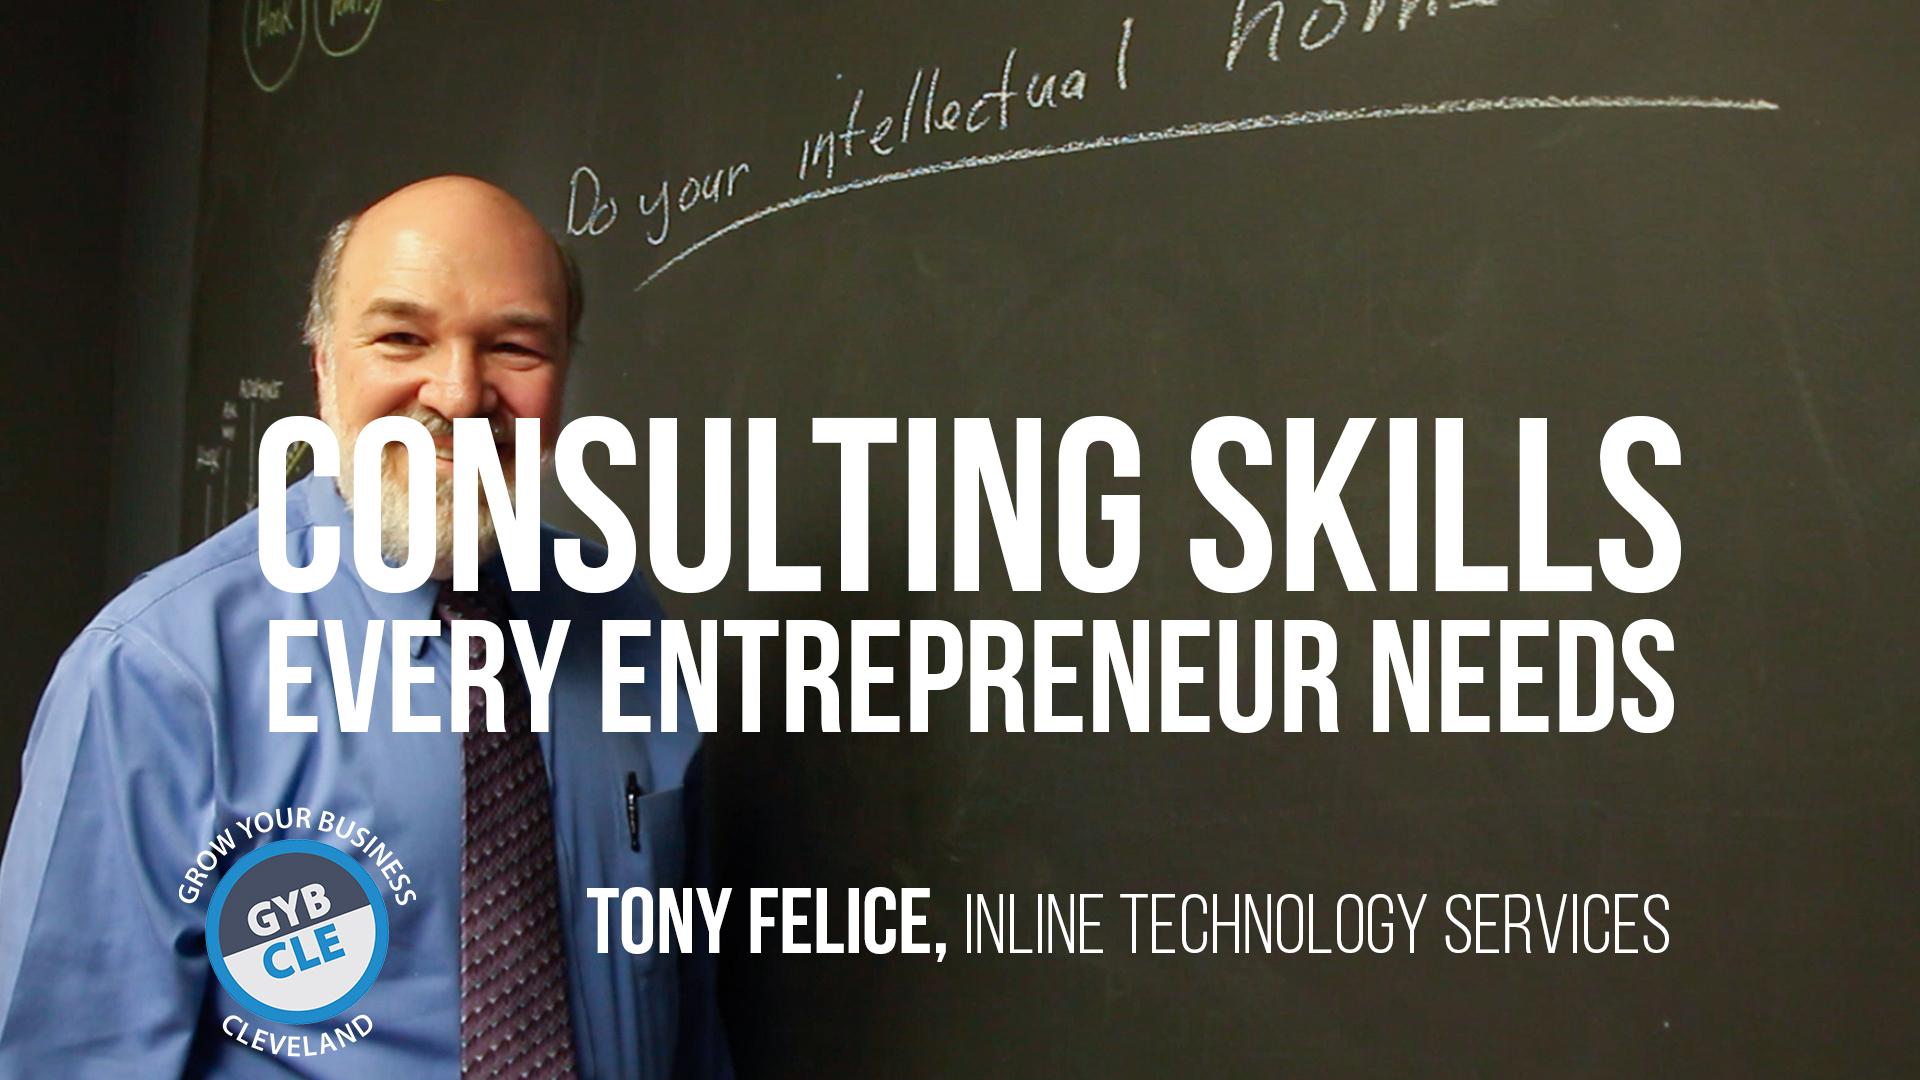 Tony Felice